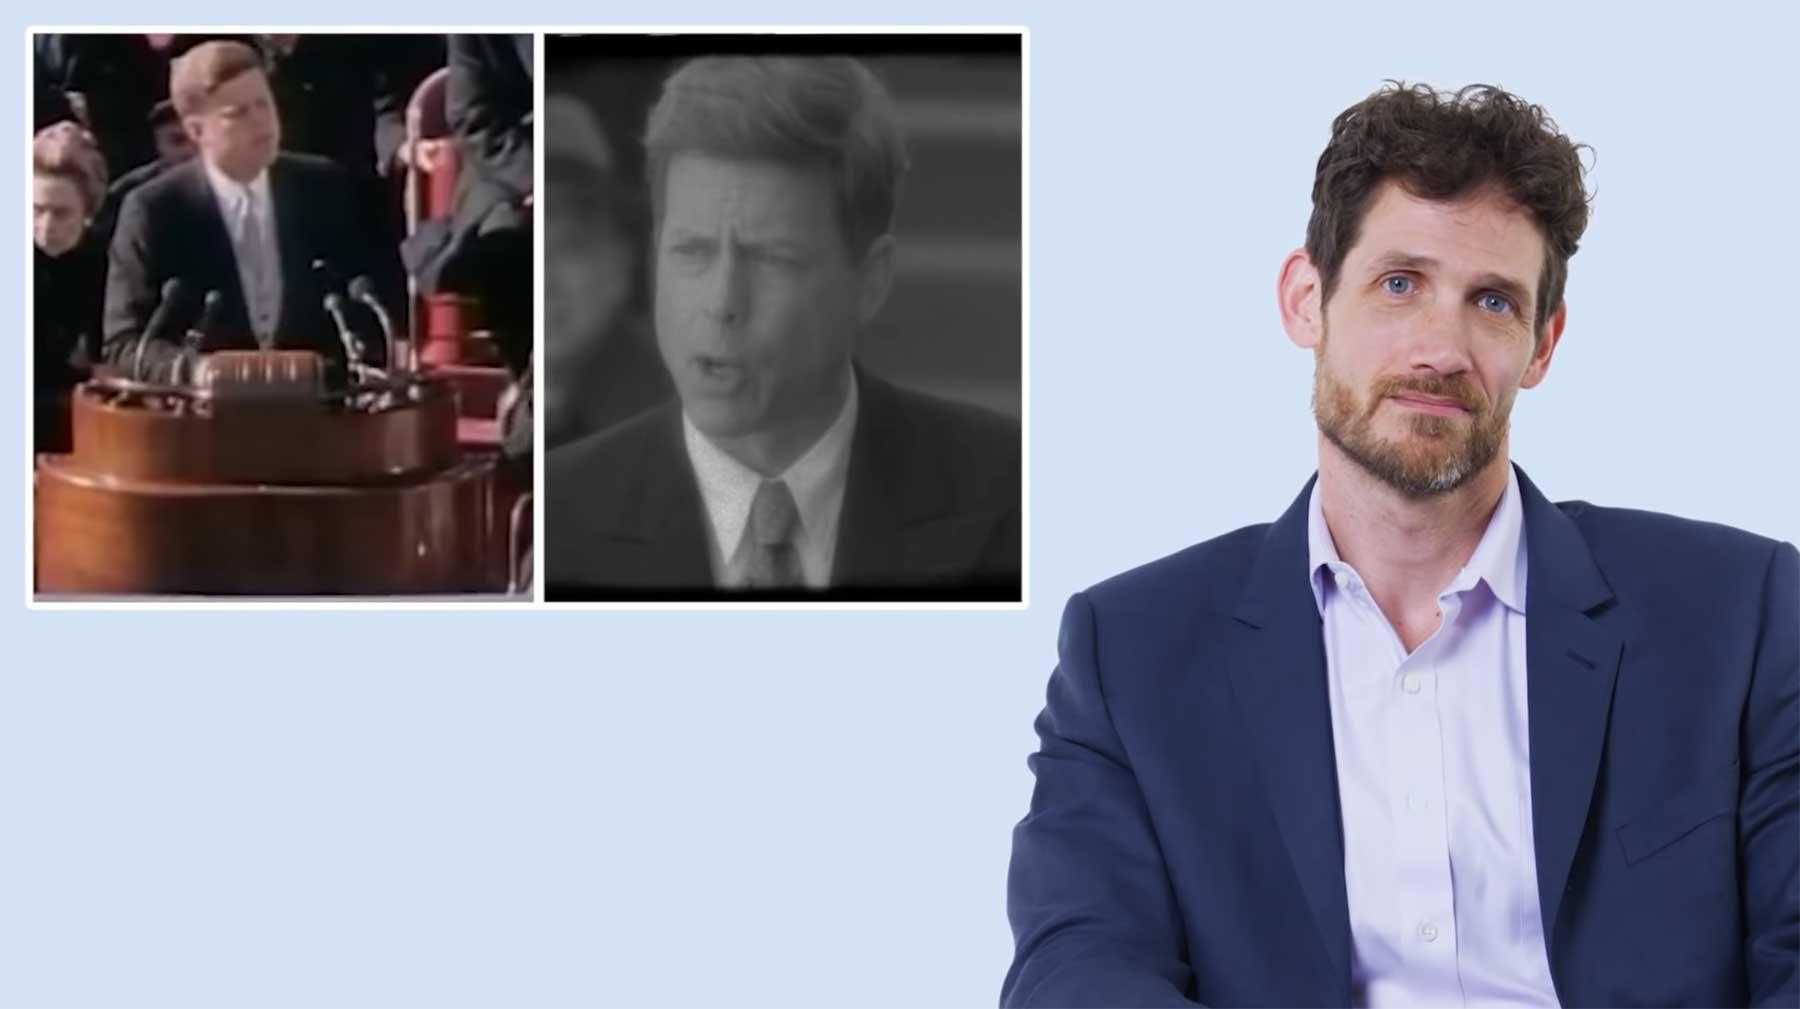 Akzent-Experte beurteilt Darstellung von US-Präsidenten in Filmen